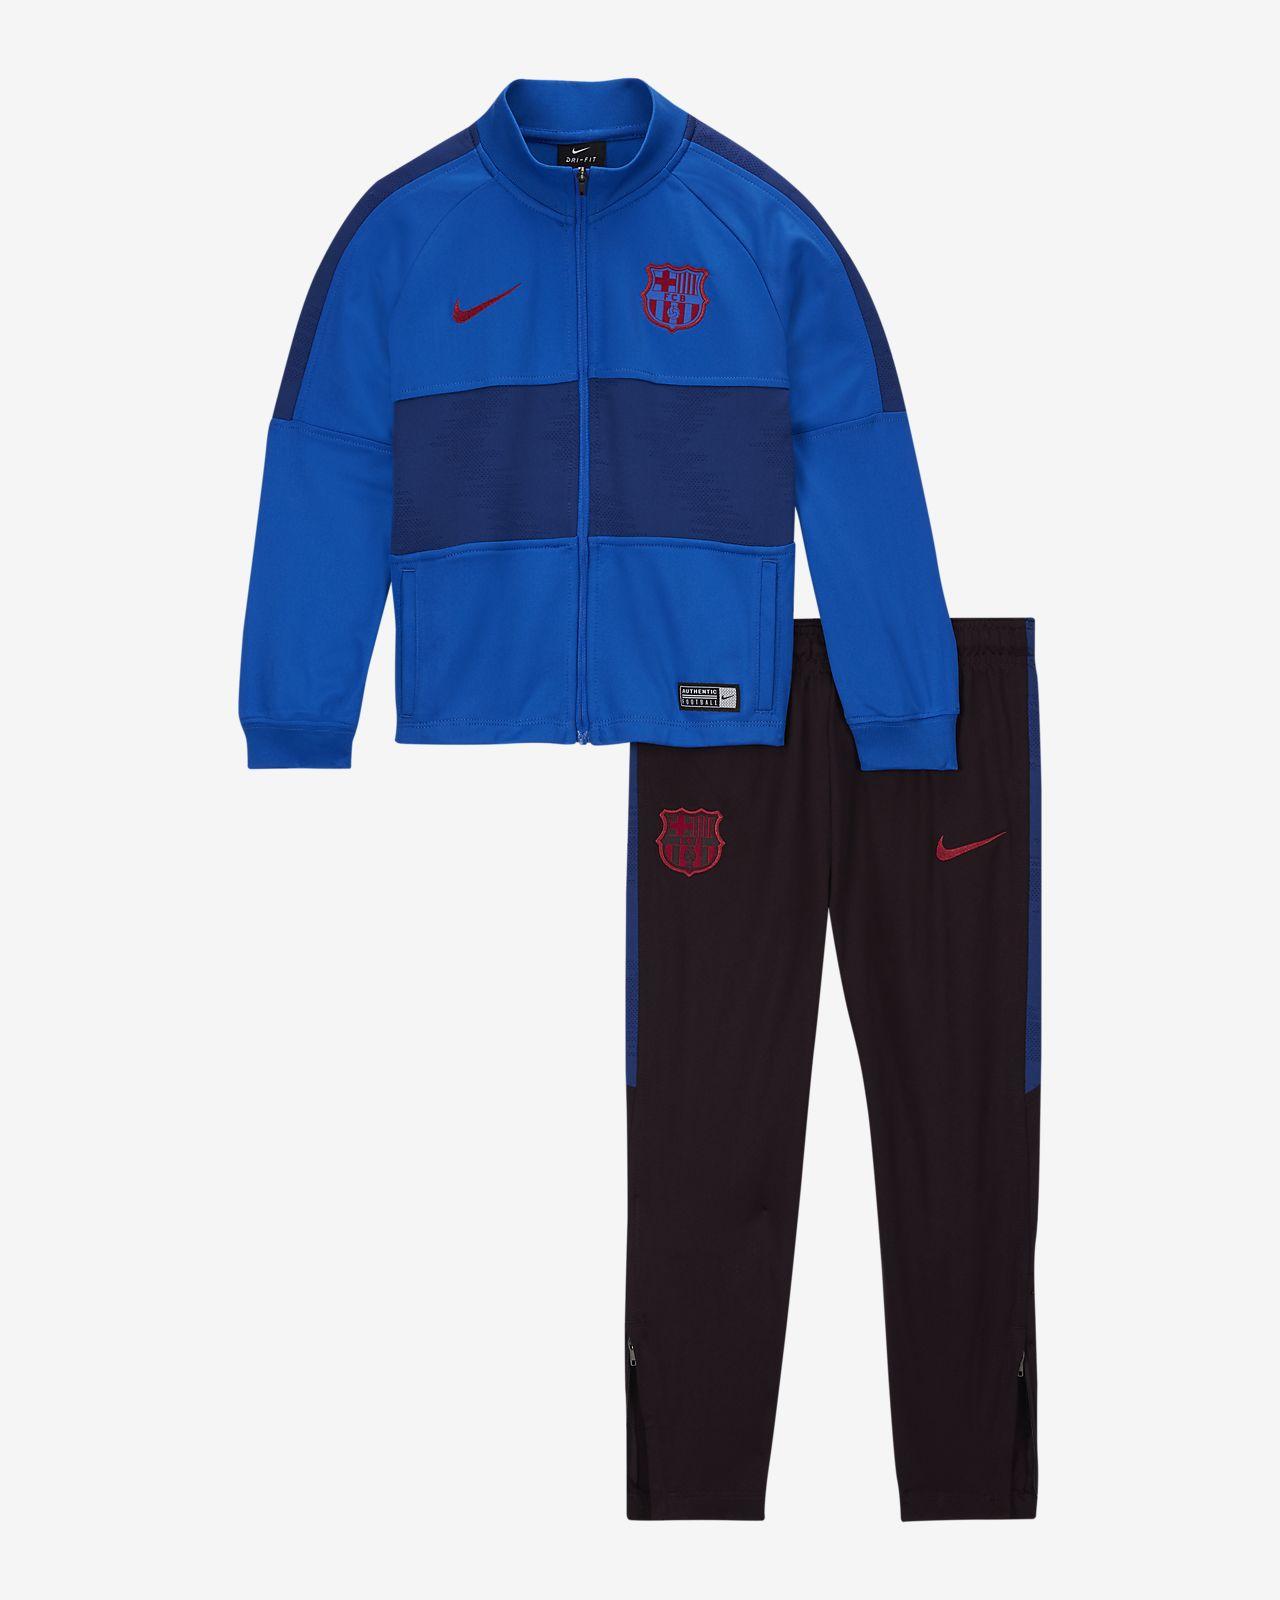 Ποδοσφαιρική φόρμα FC Barcelona Strike για μικρά παιδιά